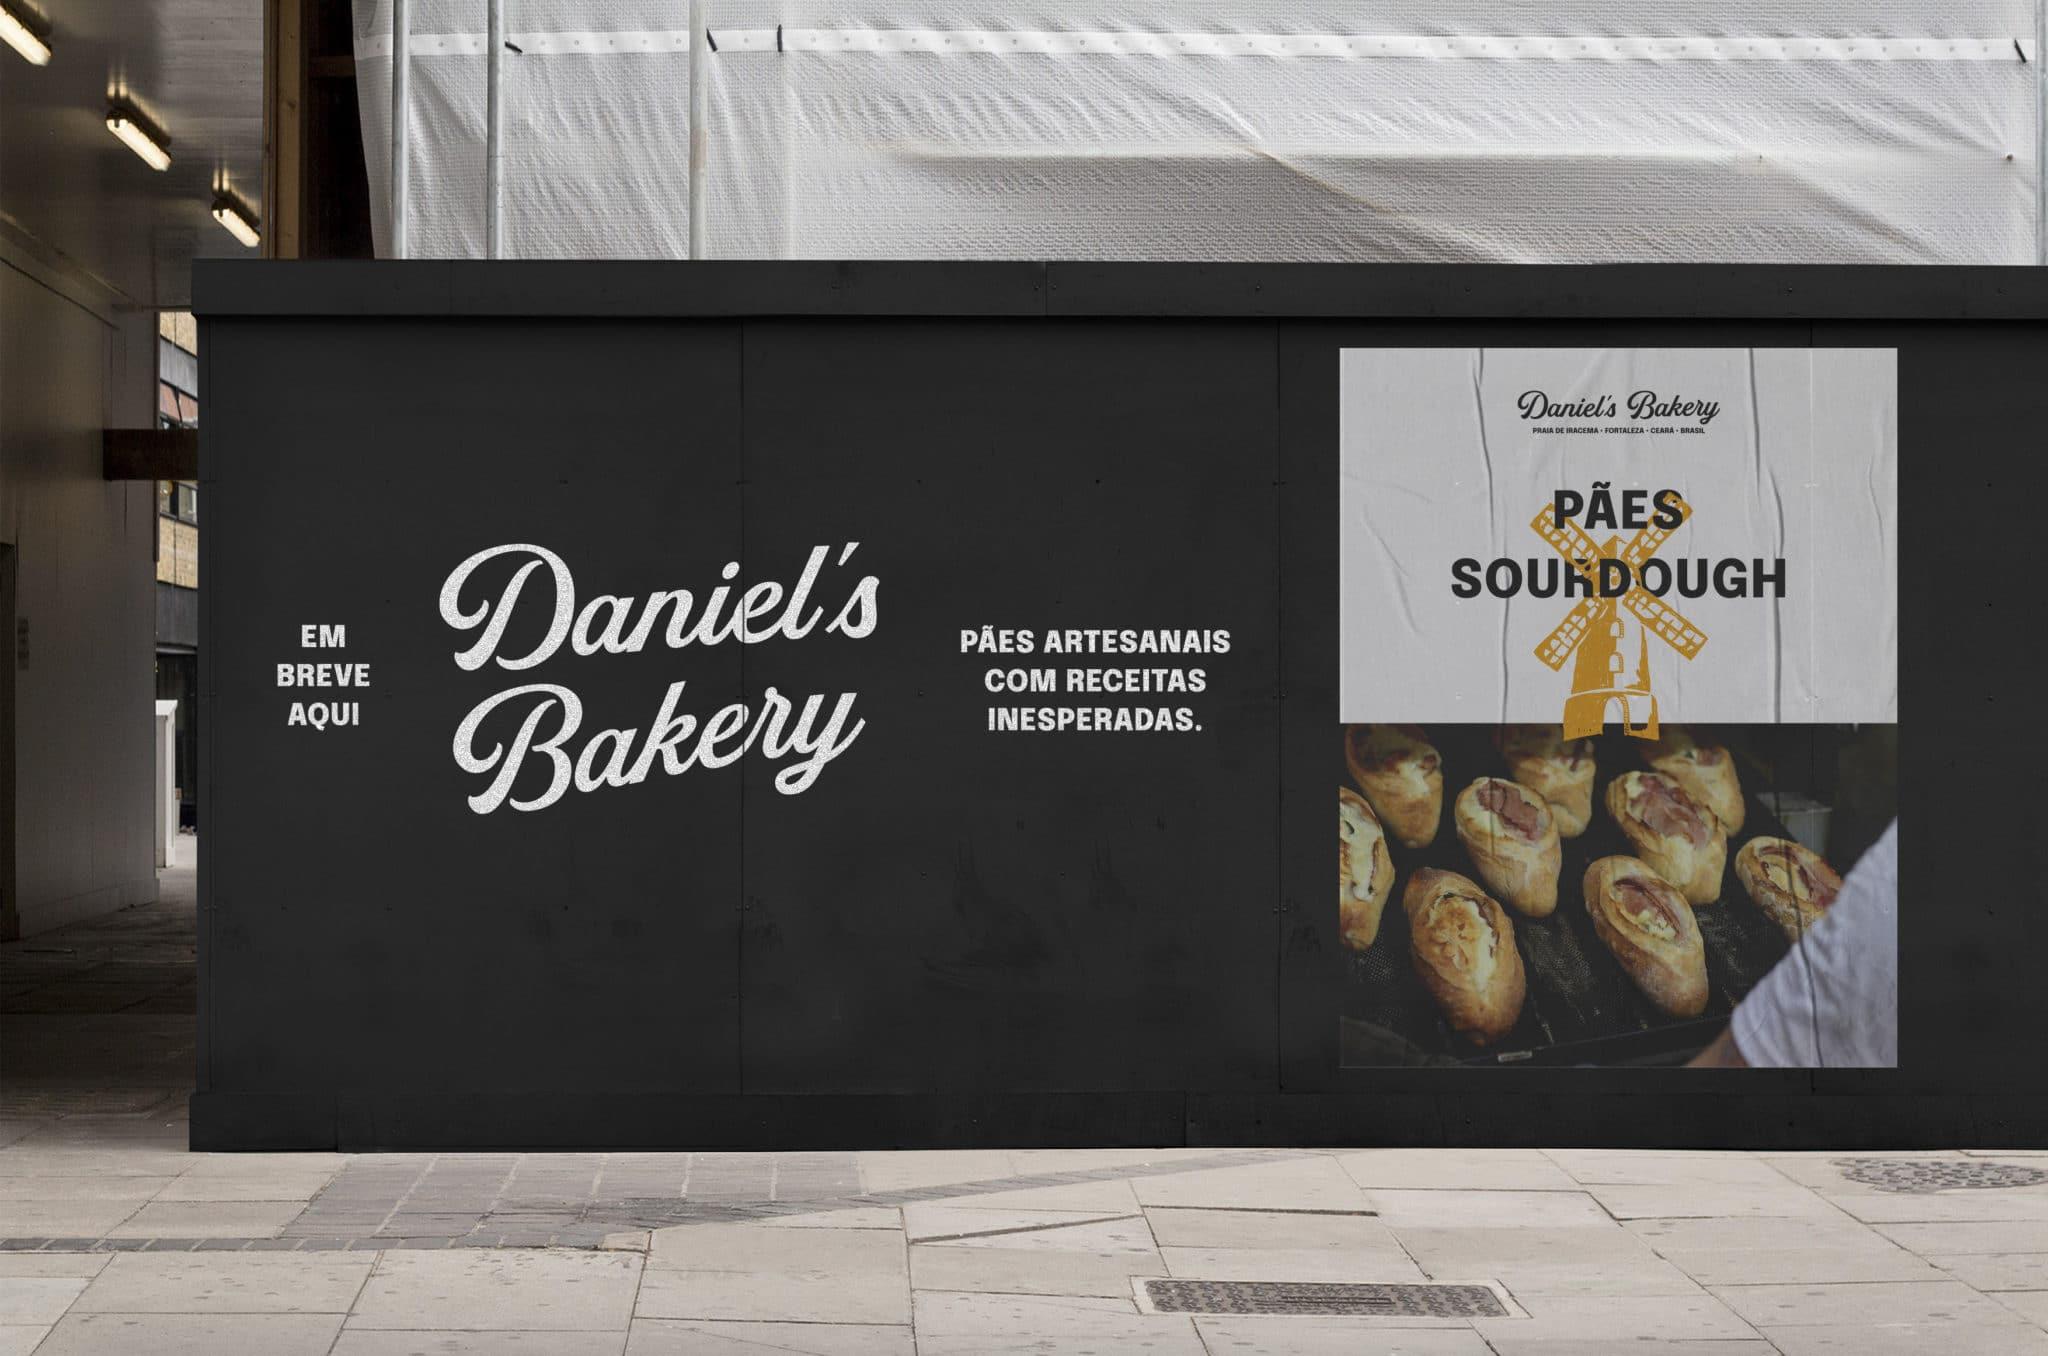 daniels bakery